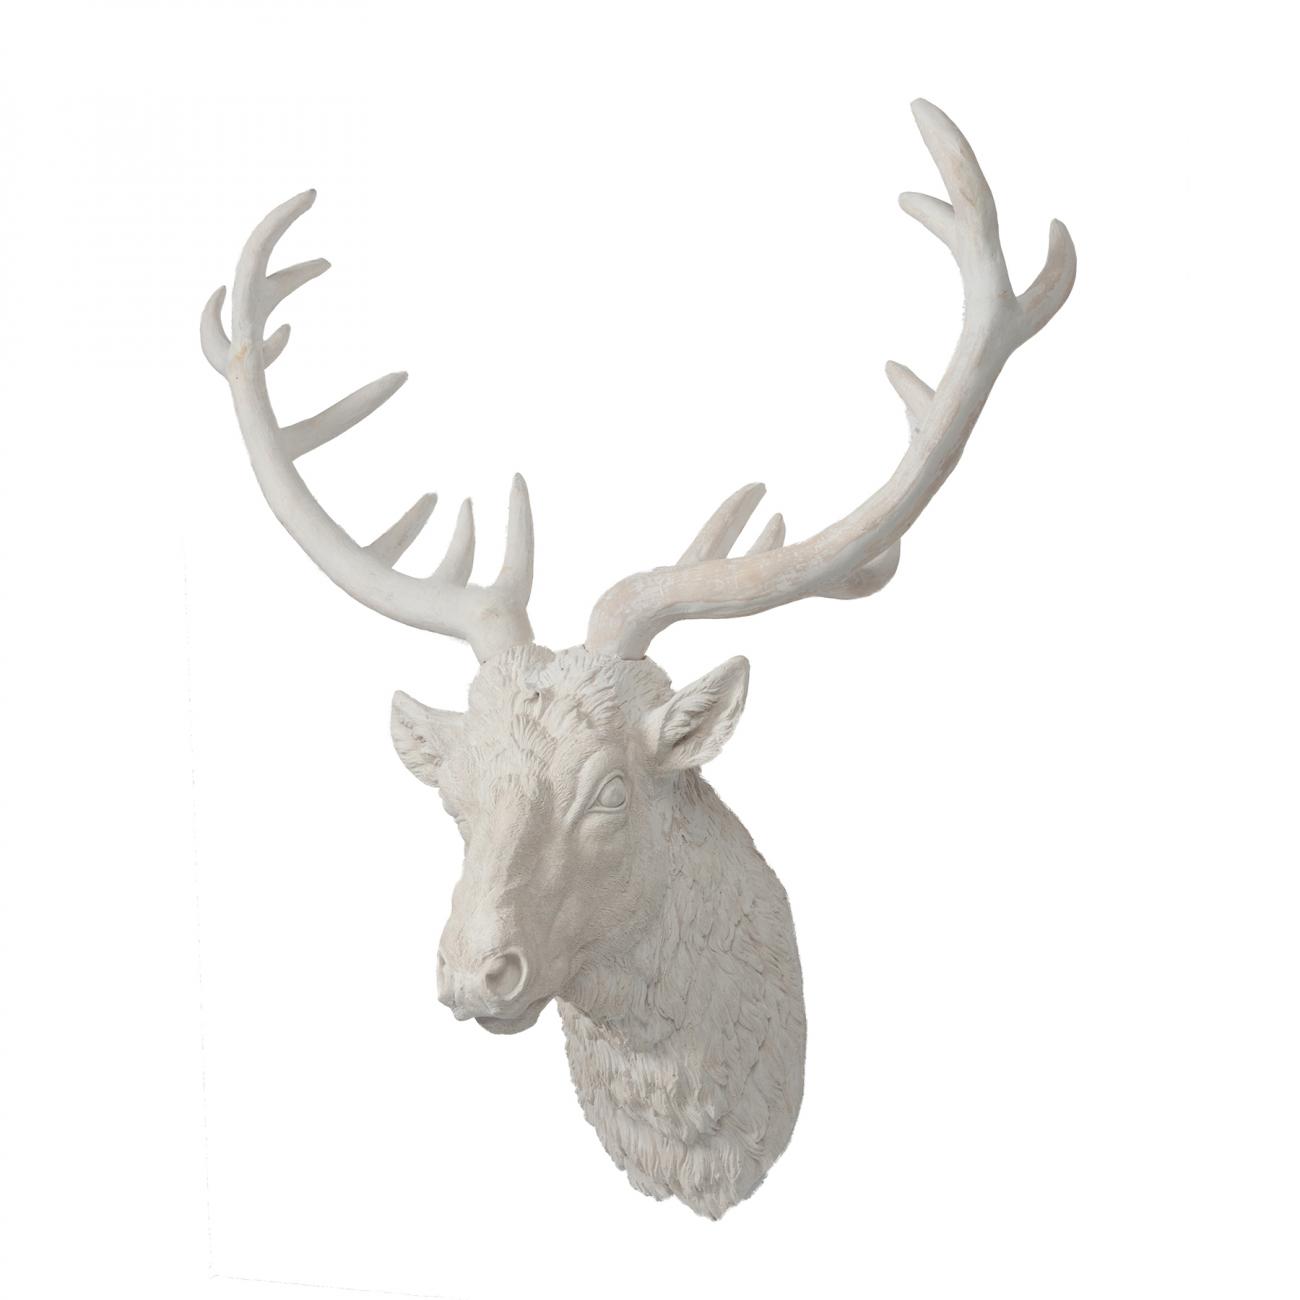 Купить Голова оленя декоративная Novak в интернет магазине дизайнерской мебели и аксессуаров для дома и дачи